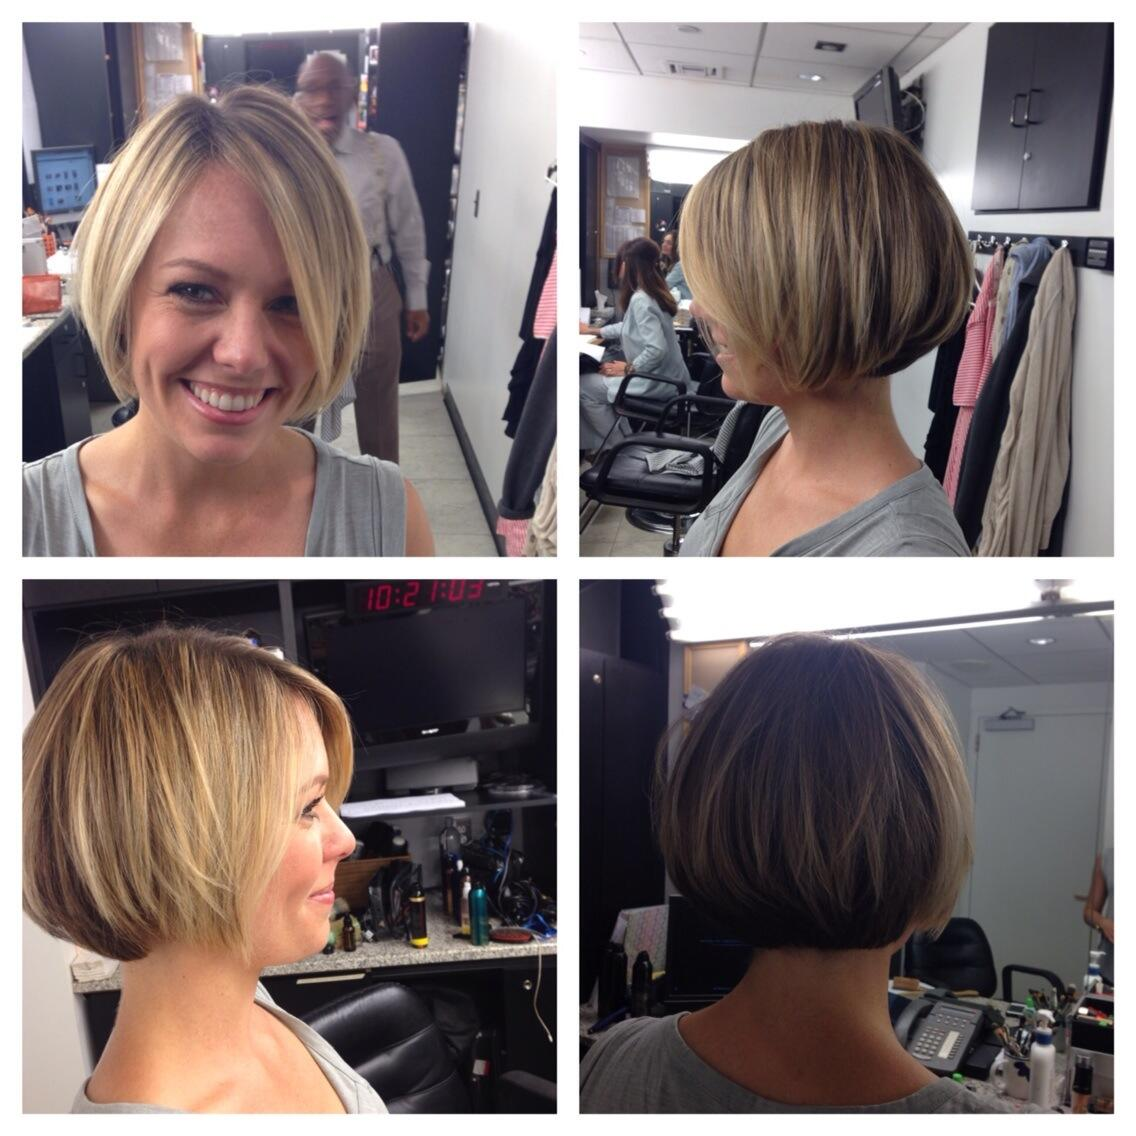 Dylan Dreyer Haircut